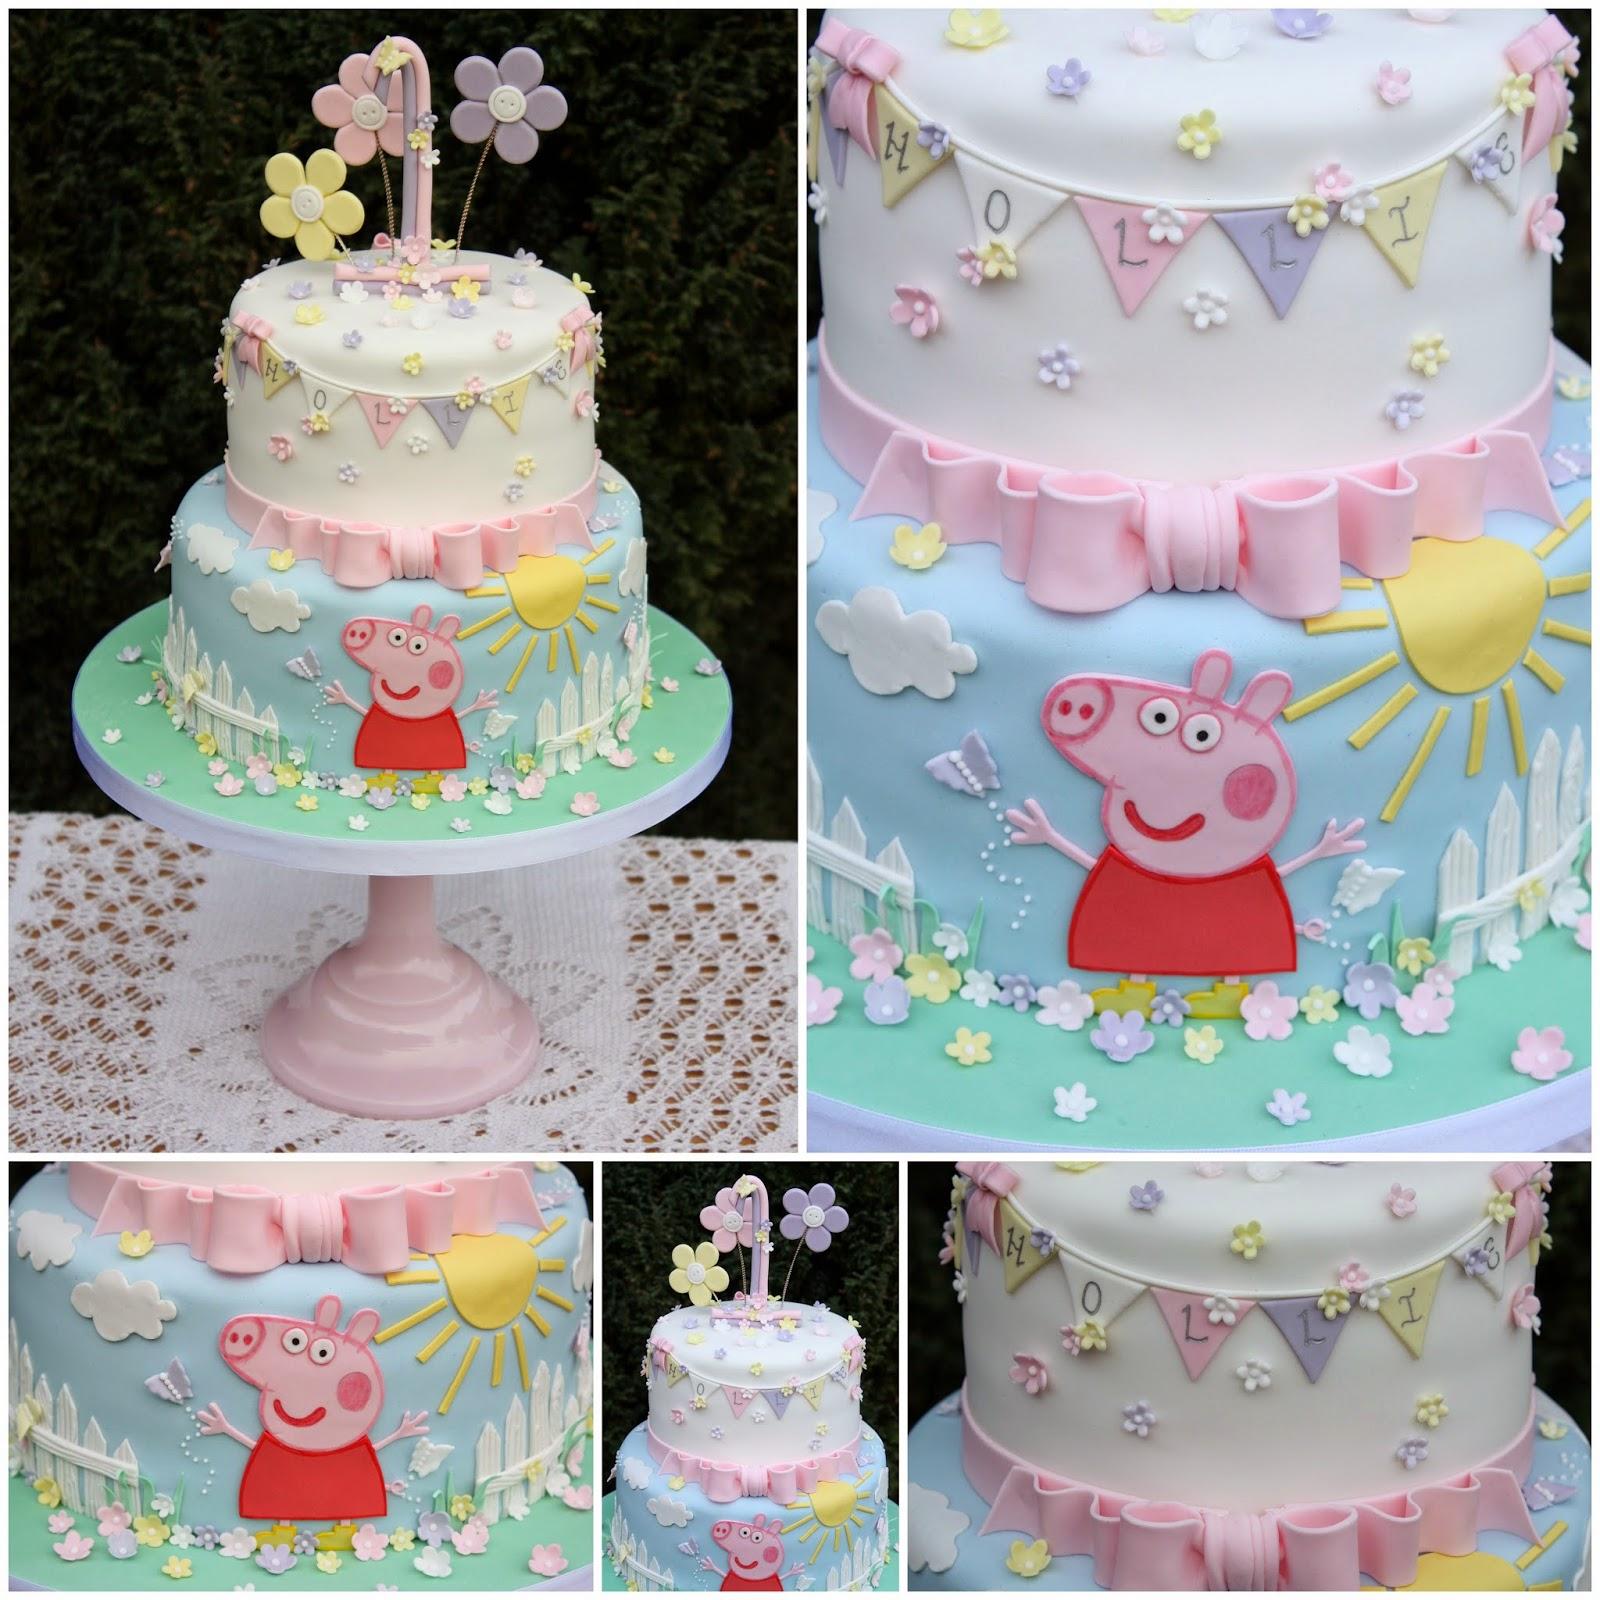 Tiers Tiaras Hollies Peppa Pig 1st Birthday Cake